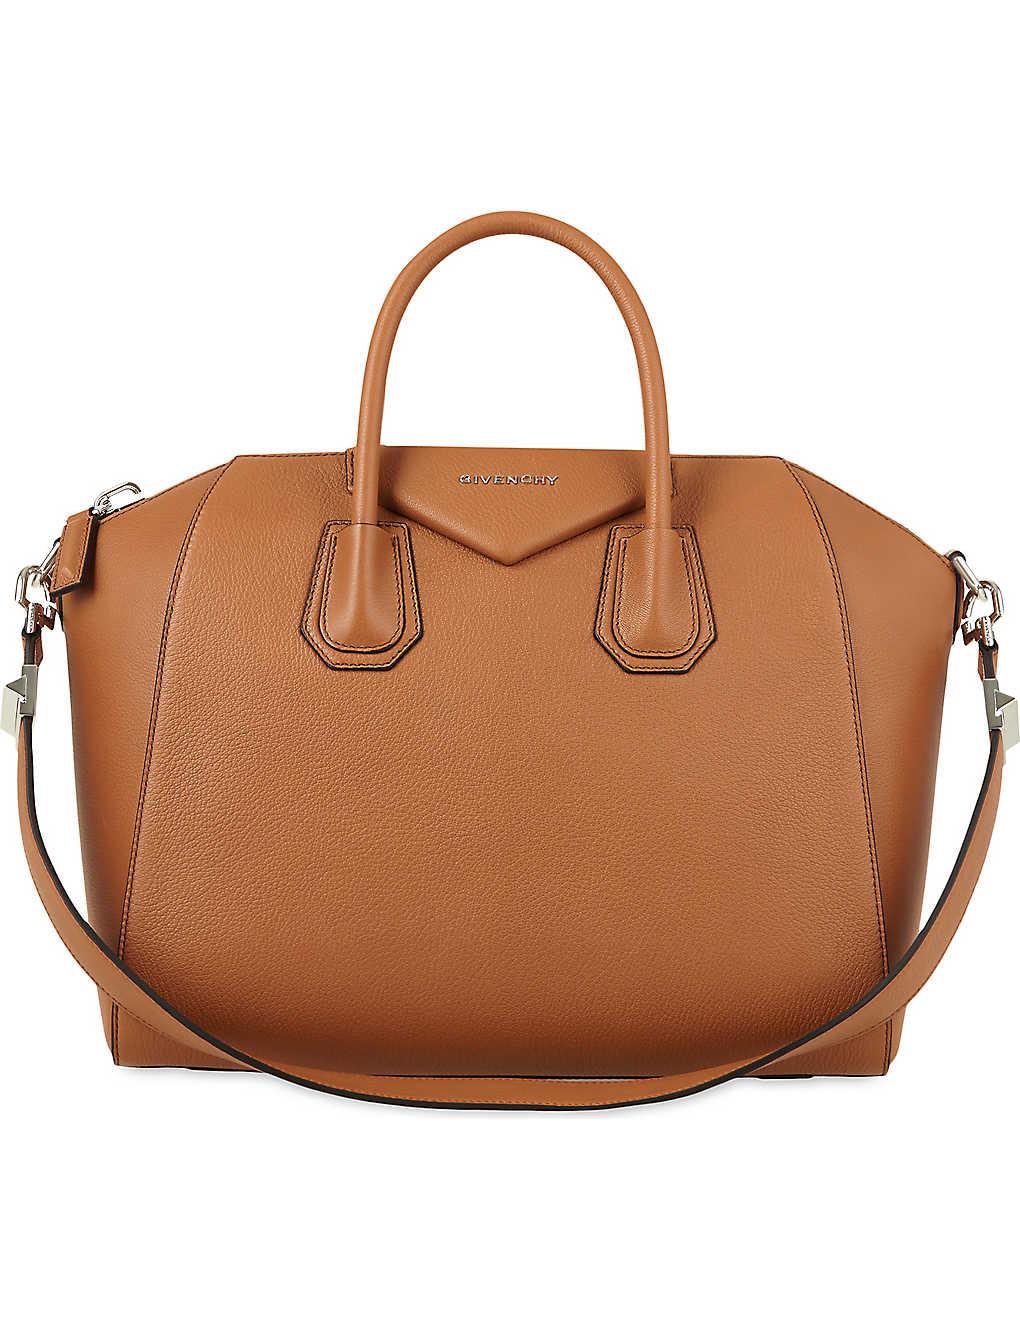 836a8b20eca43 GIVENCHY - Antigona Sugar medium leather tote | Selfridges.com